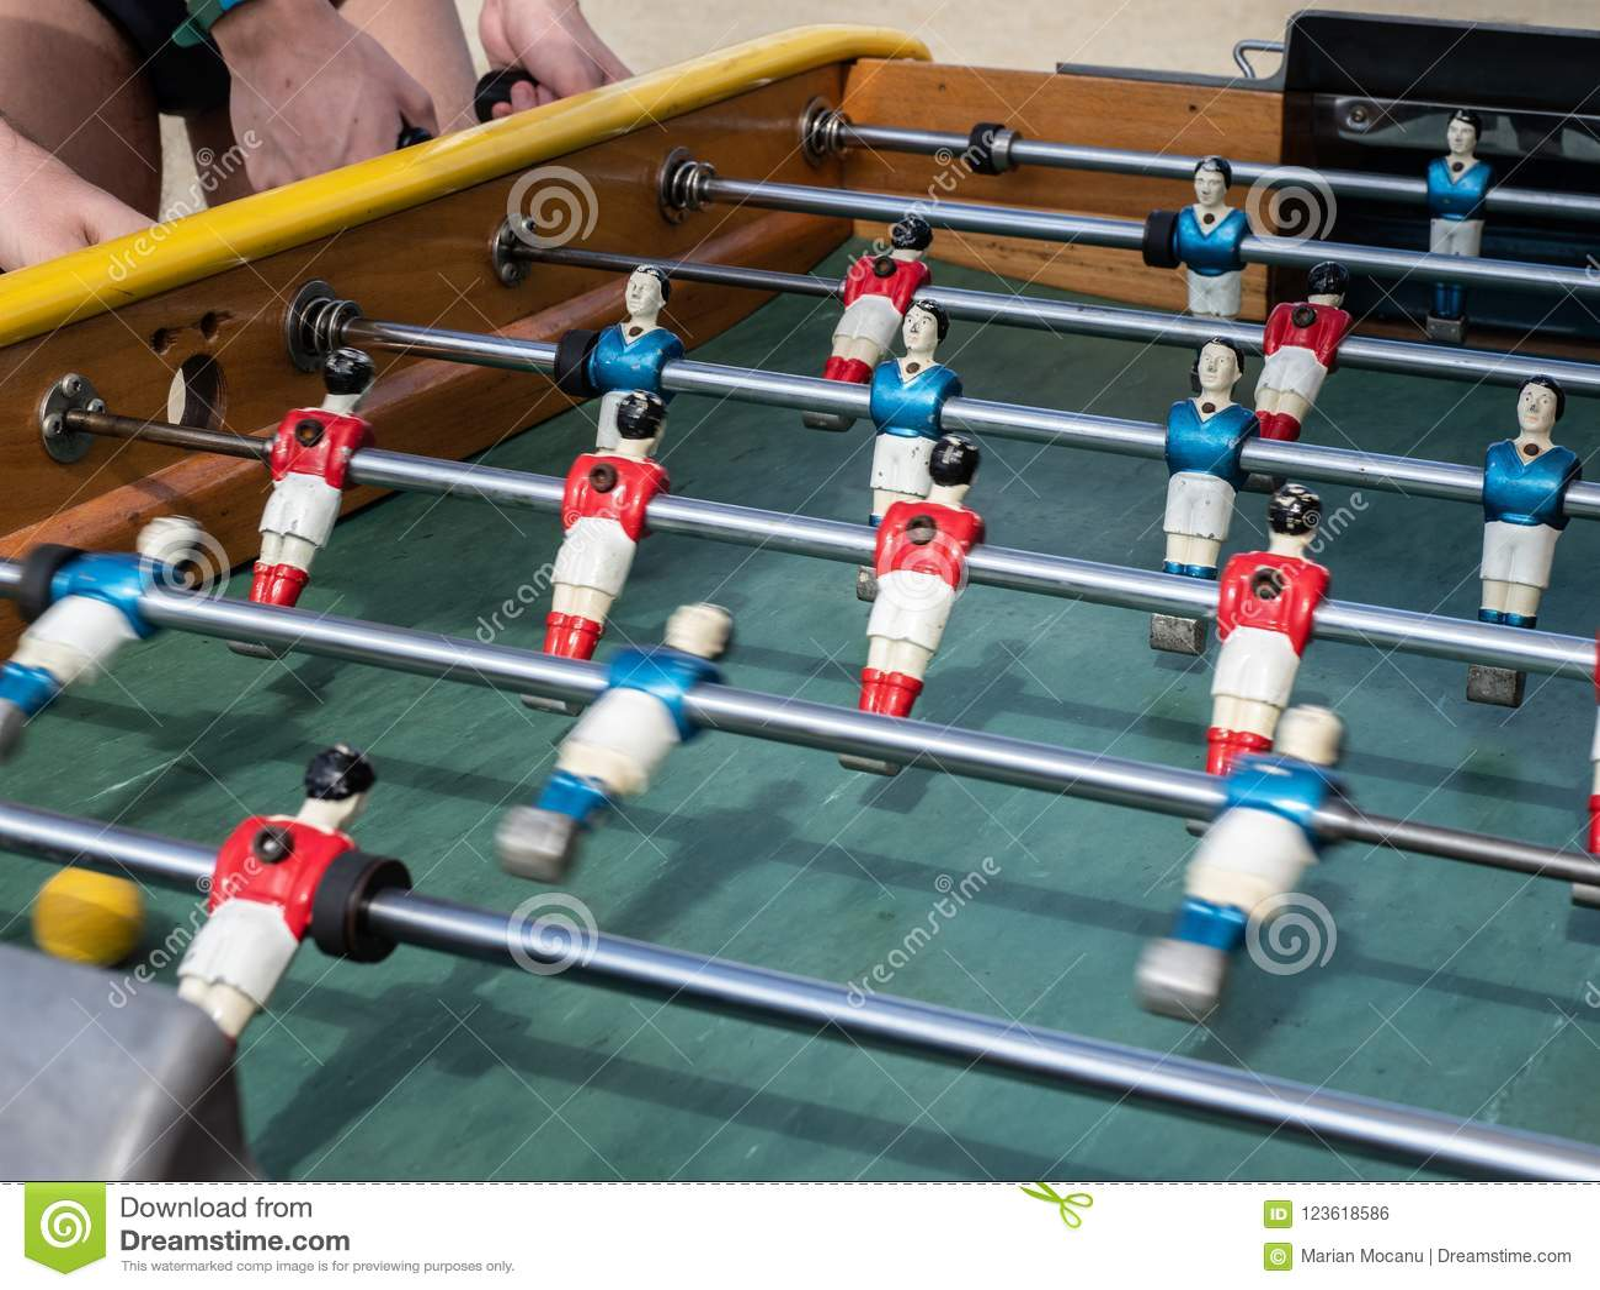 Μίνι πίνακας ποδοσφαιρικών παιχνιδιών κατά τη στενή επάνω άποψη